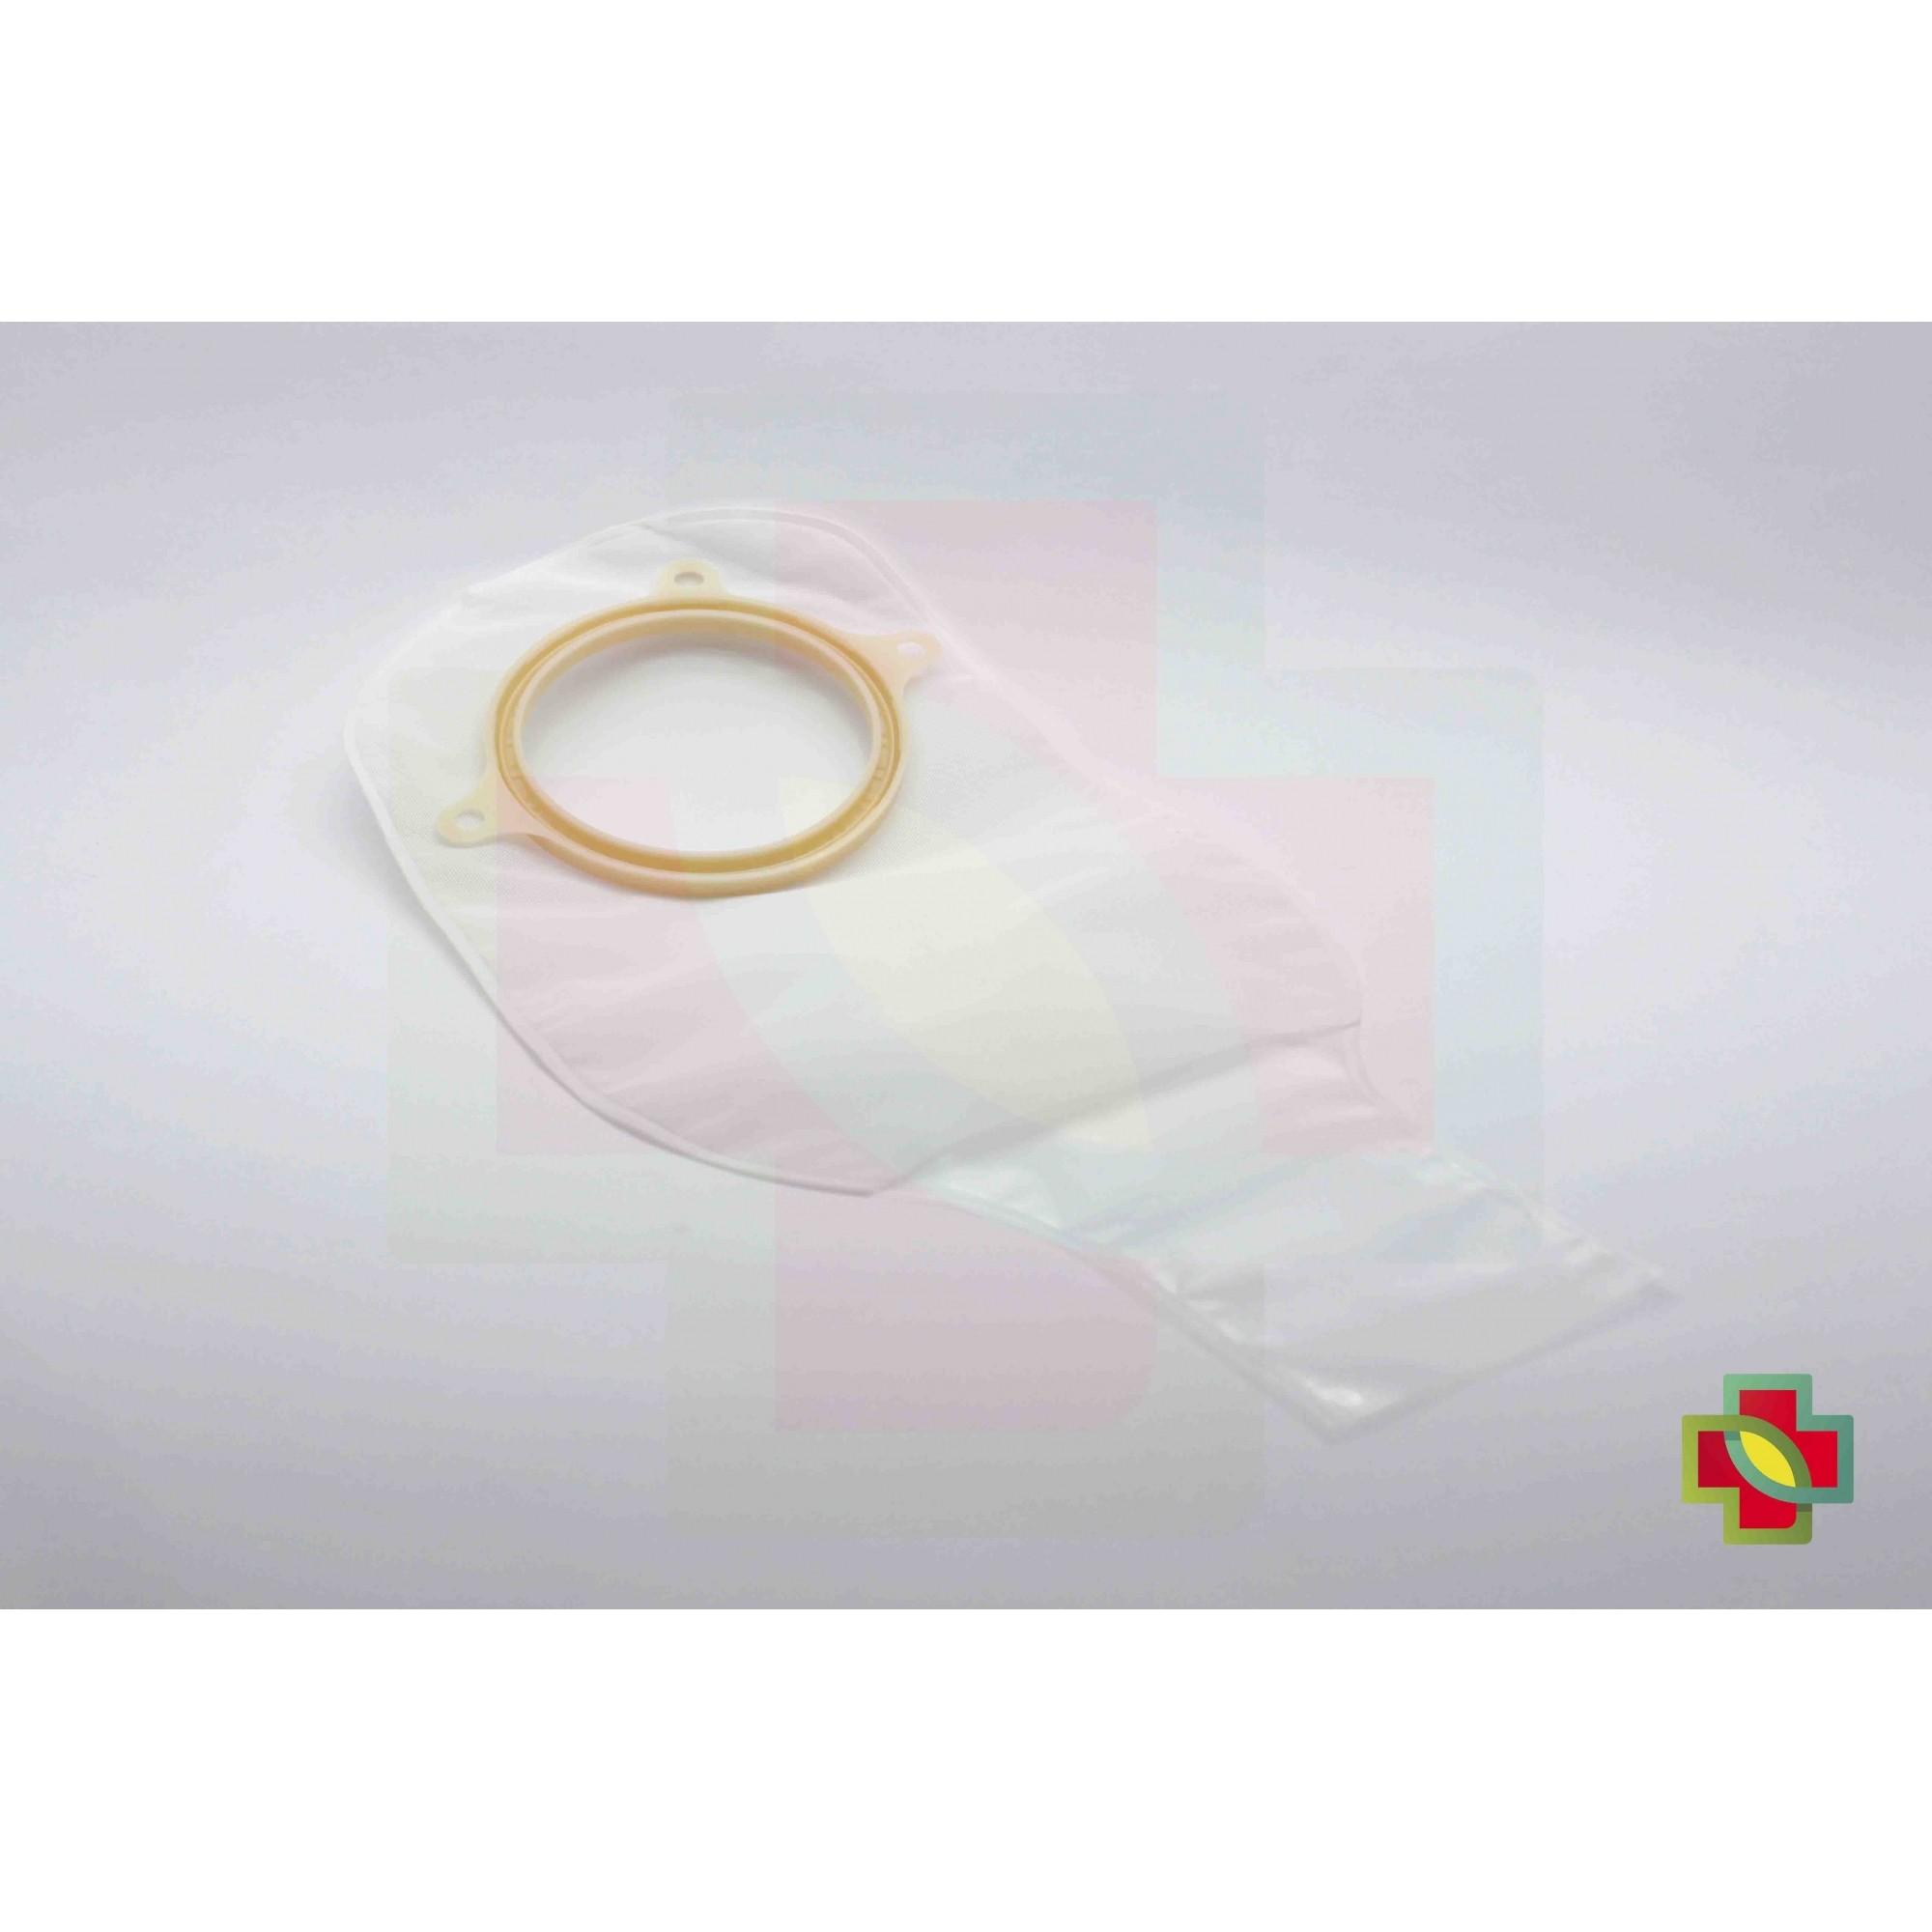 BOLSA DE COLOSTOMIA SUR-FIT PLUS 2 PEÇAS TRANSP.70MM (UND.) 401604 - CONVATEC